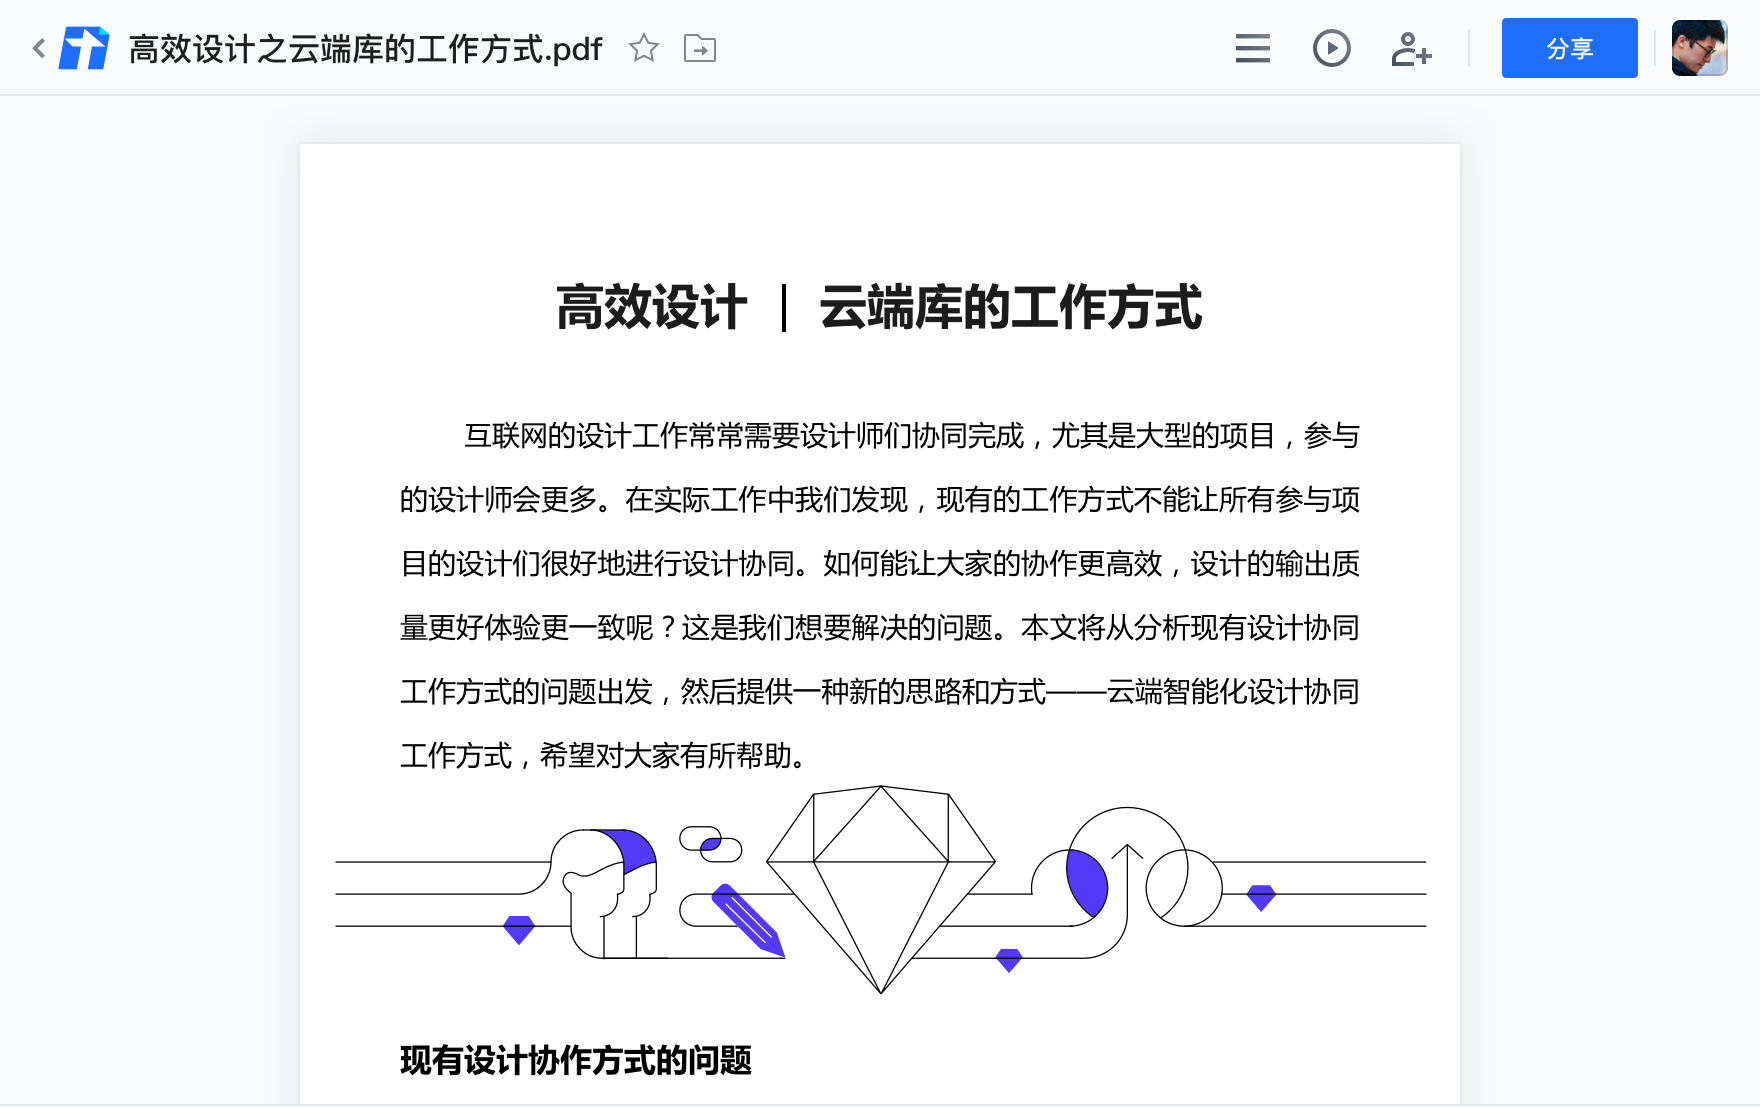 腾讯文档软件